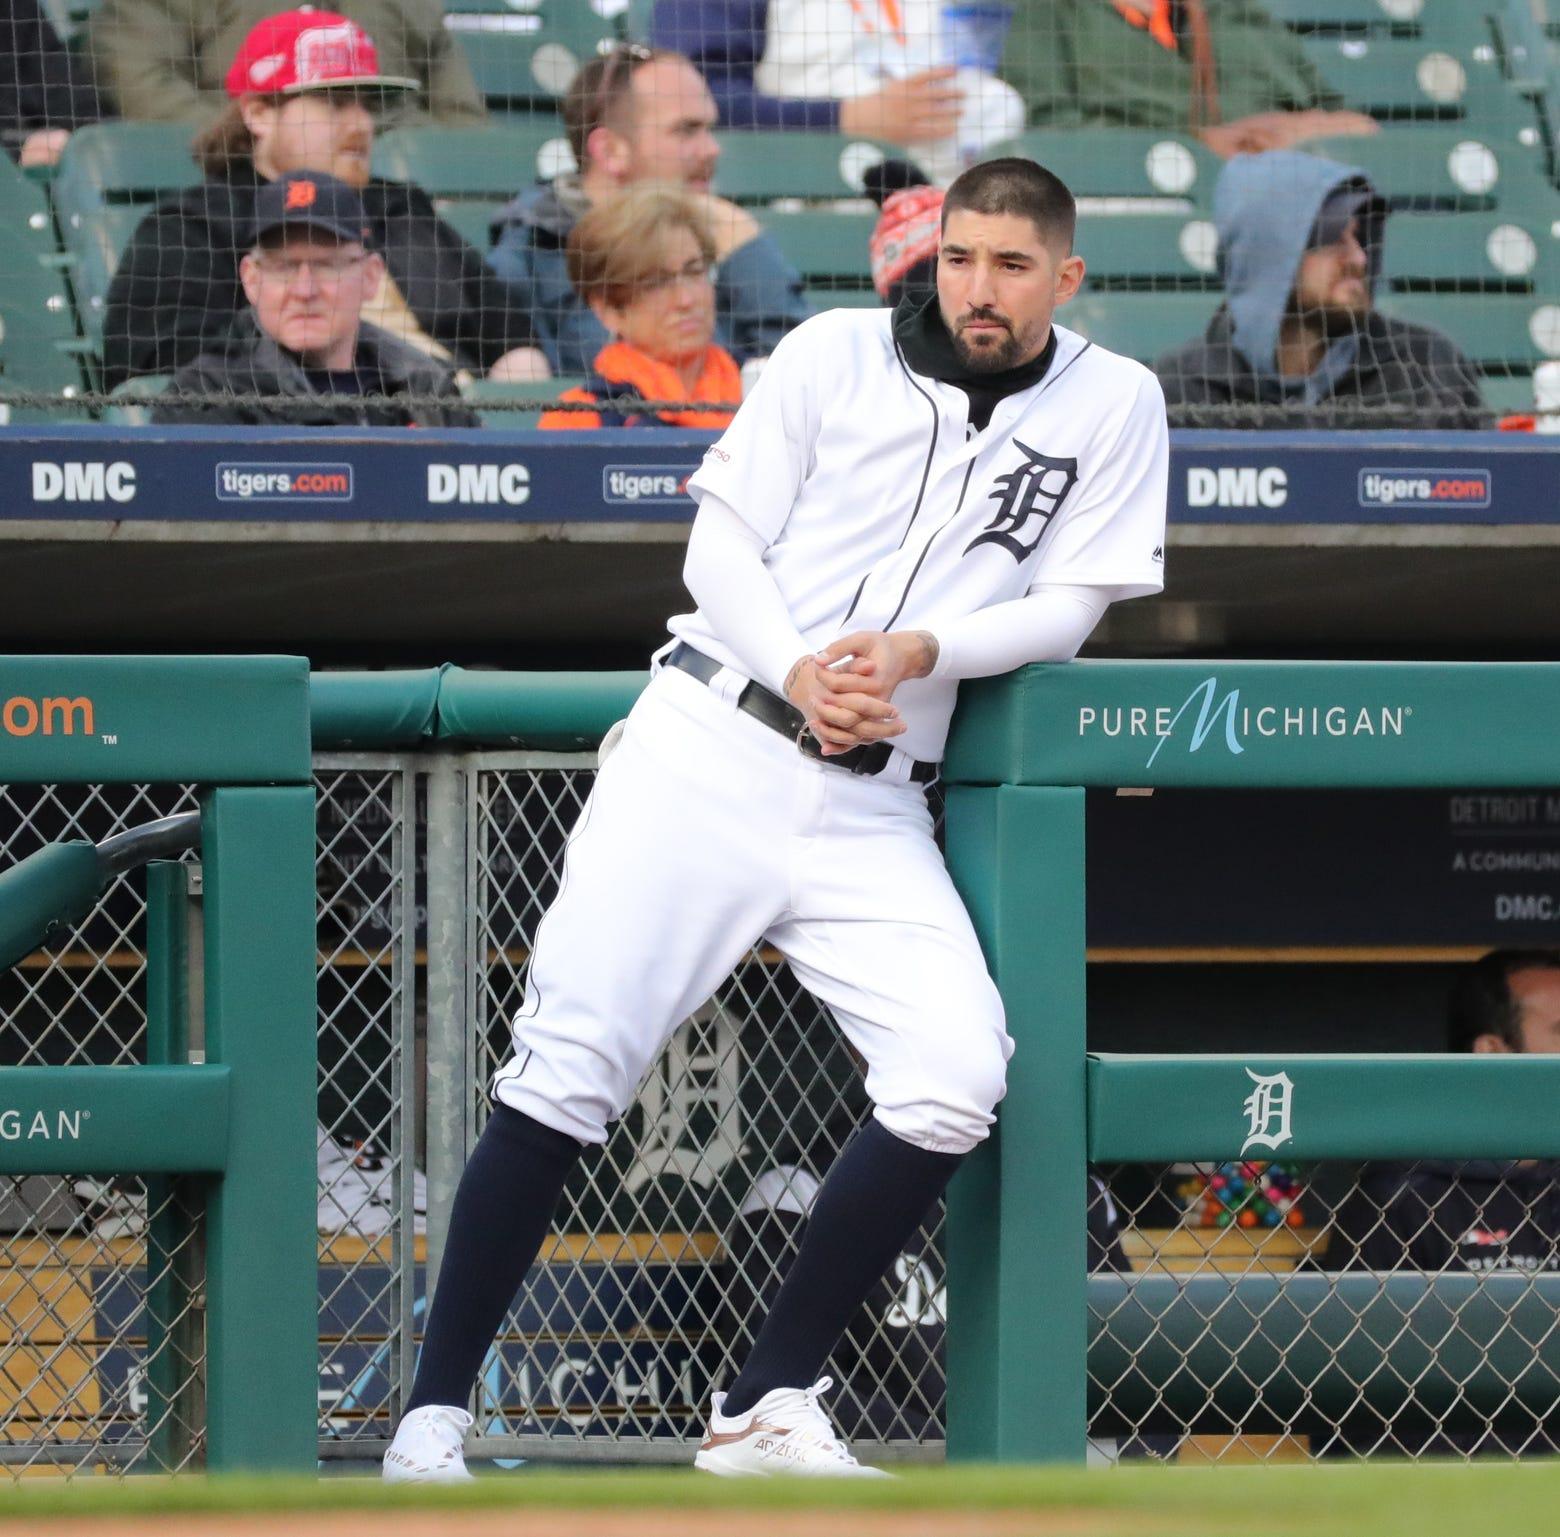 Nicholas Castellanos' comments revealing about Brad Ausmus' Detroit Tigers tenure